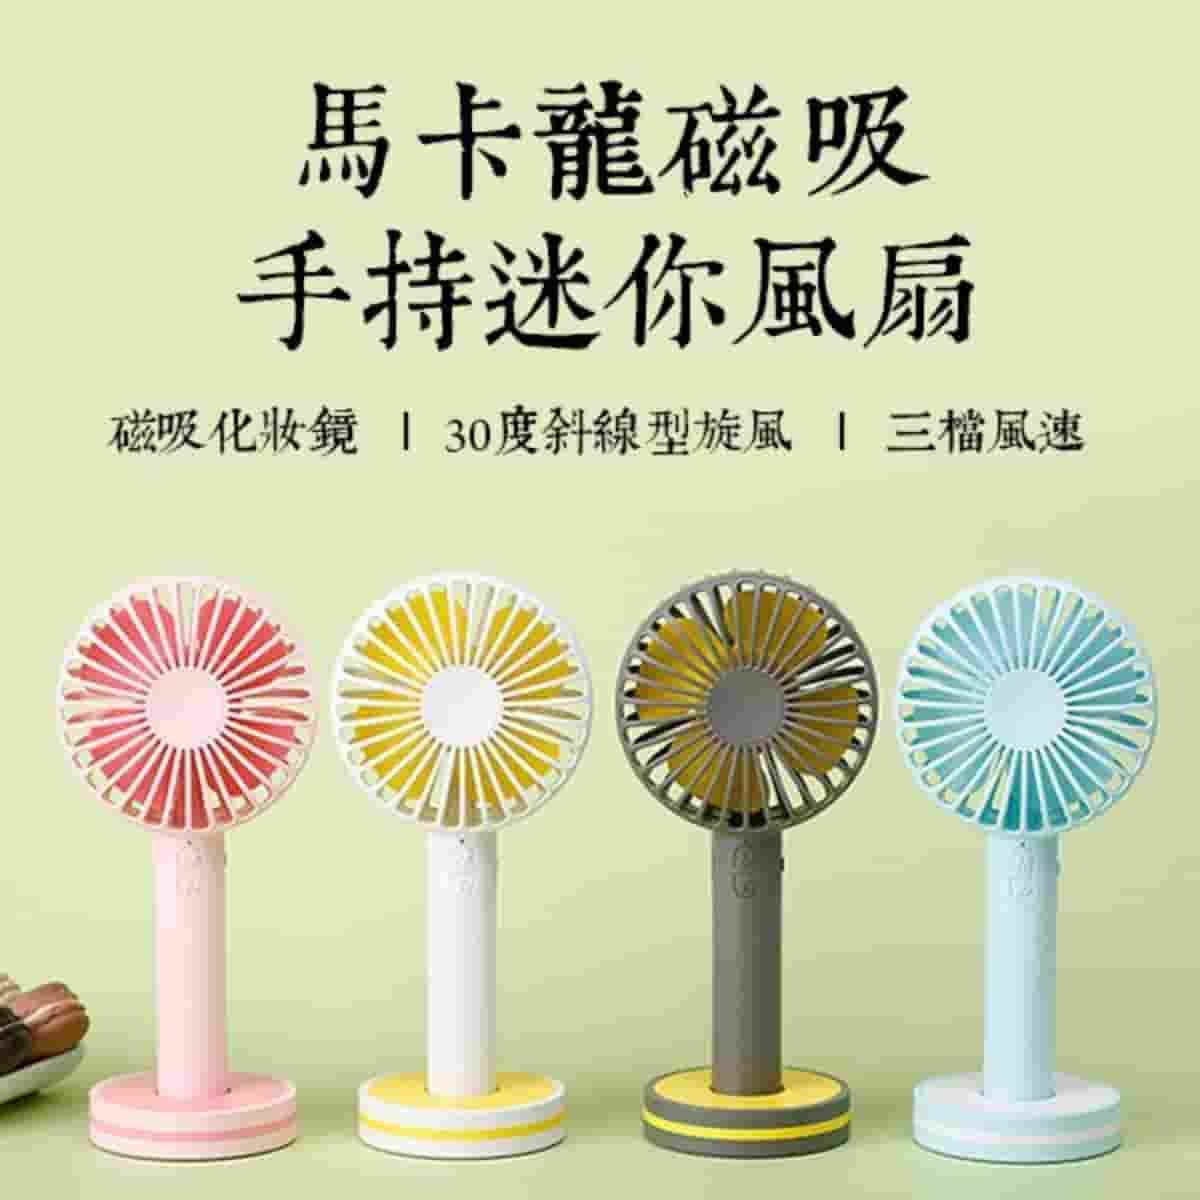 馬卡龍磁吸手持風扇 三段式USB充電風扇